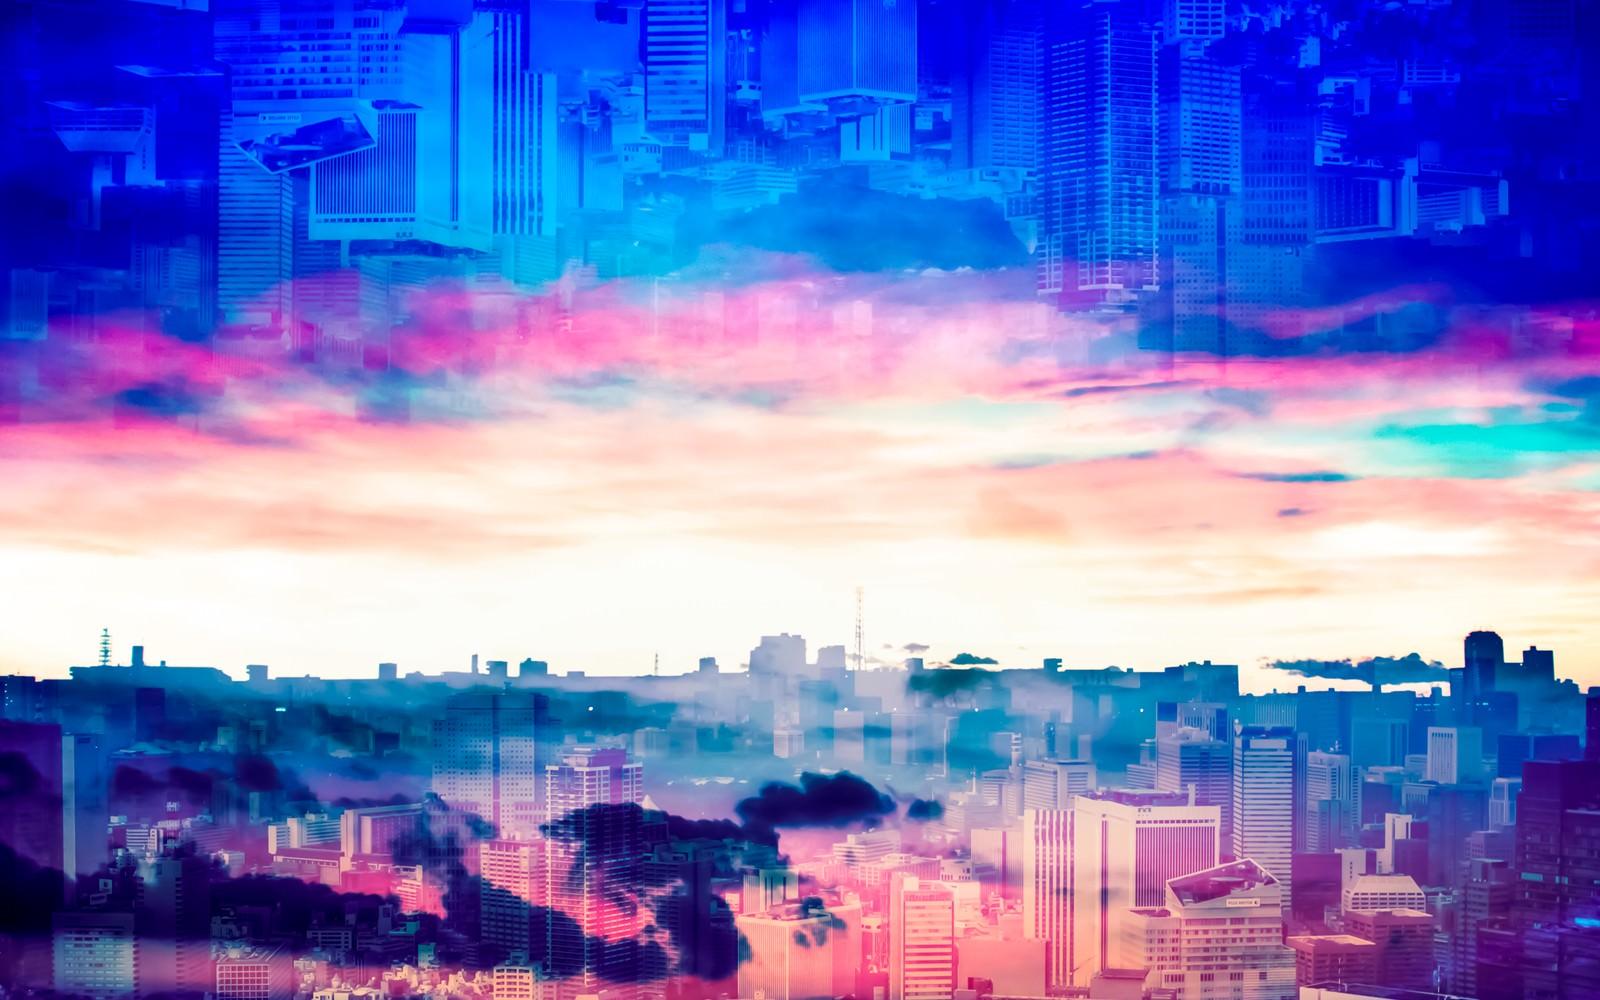 「重なり合う朝と夕方の都市(フォトモンタージュ)重なり合う朝と夕方の都市(フォトモンタージュ)」のフリー写真素材を拡大